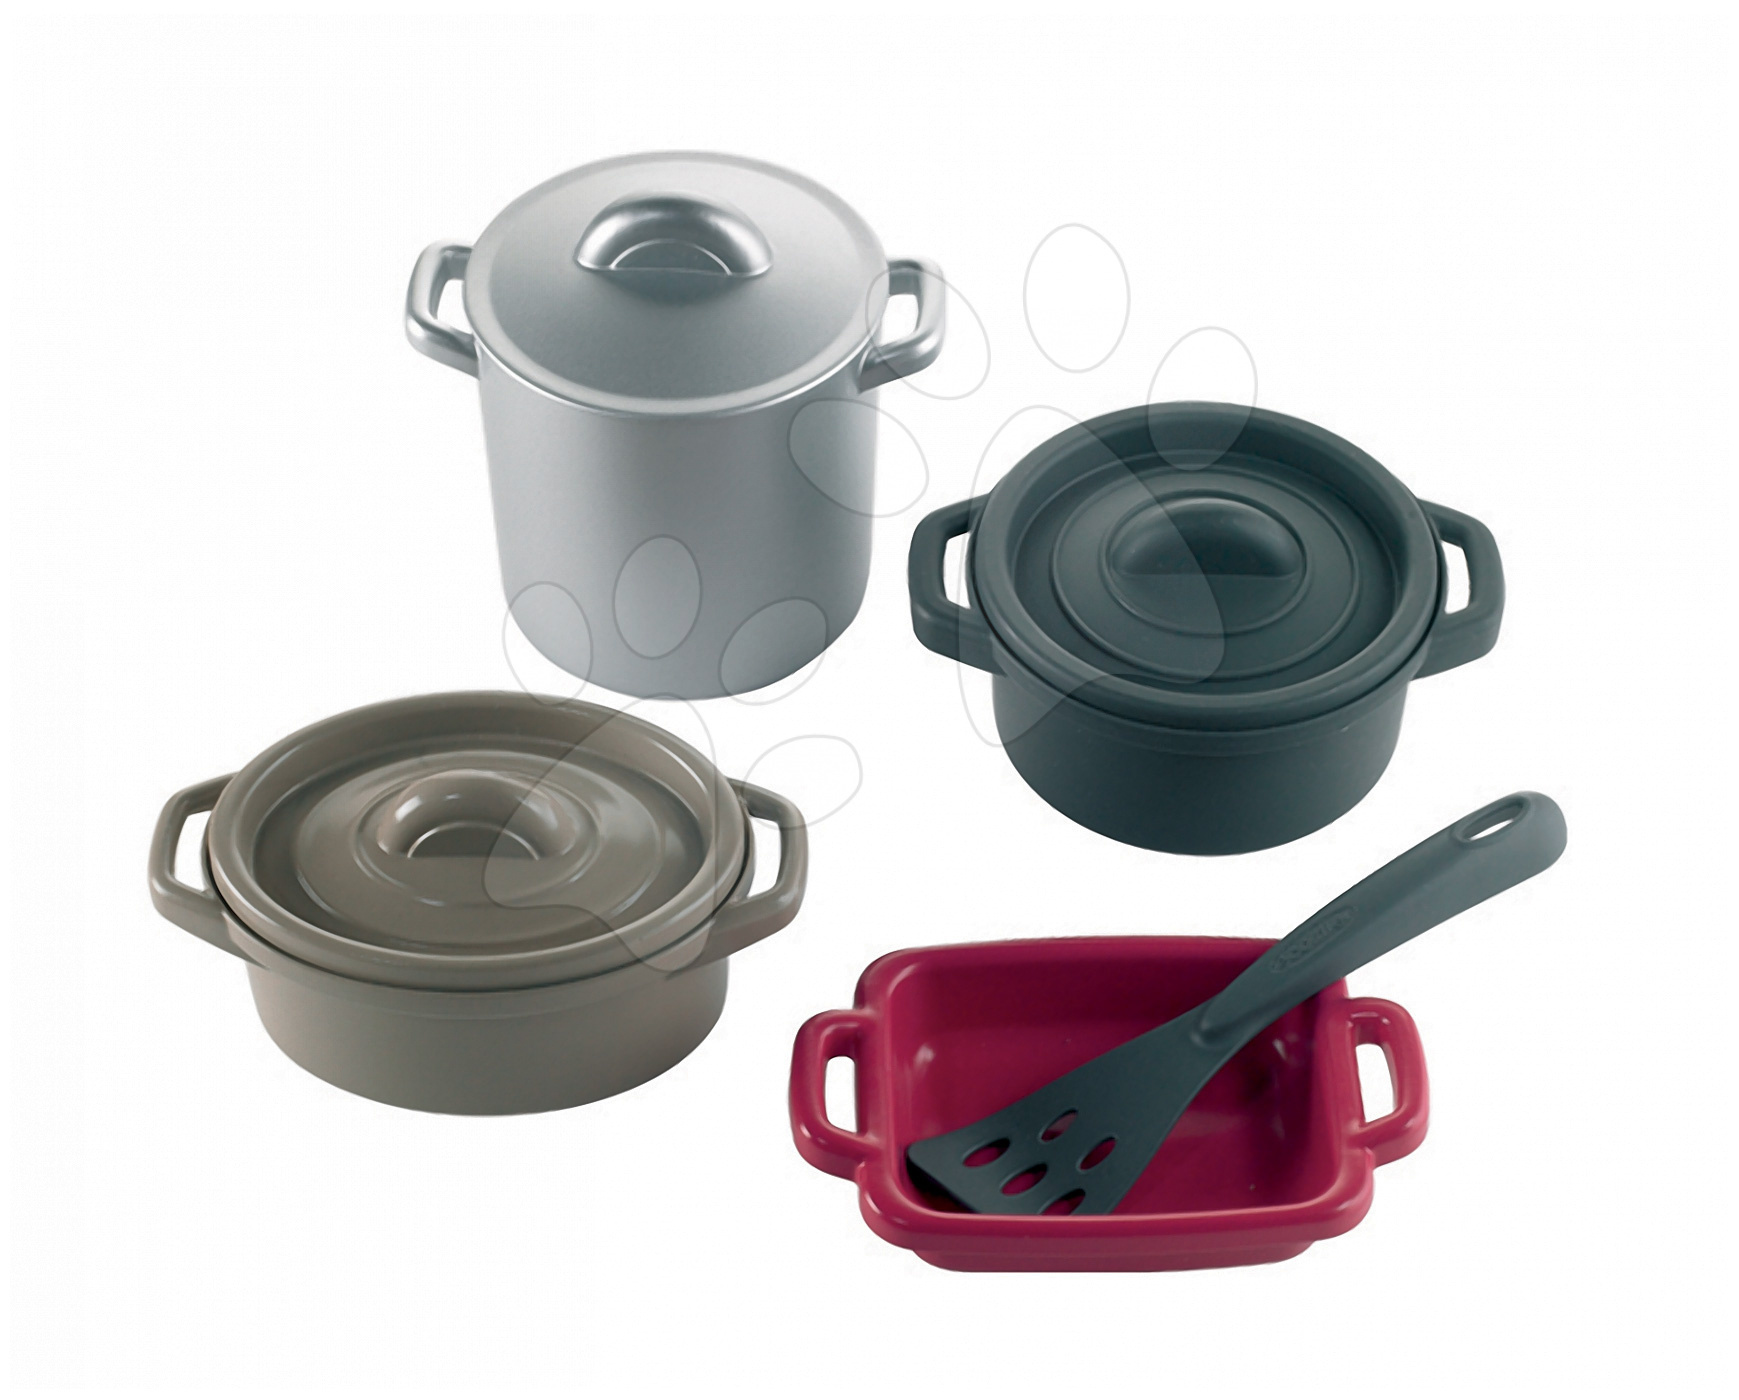 Accesorii și vase de bucătărie de jucărie - Set vase PRO Cook Écoiffier cu 8 bucăți de la 18 luni